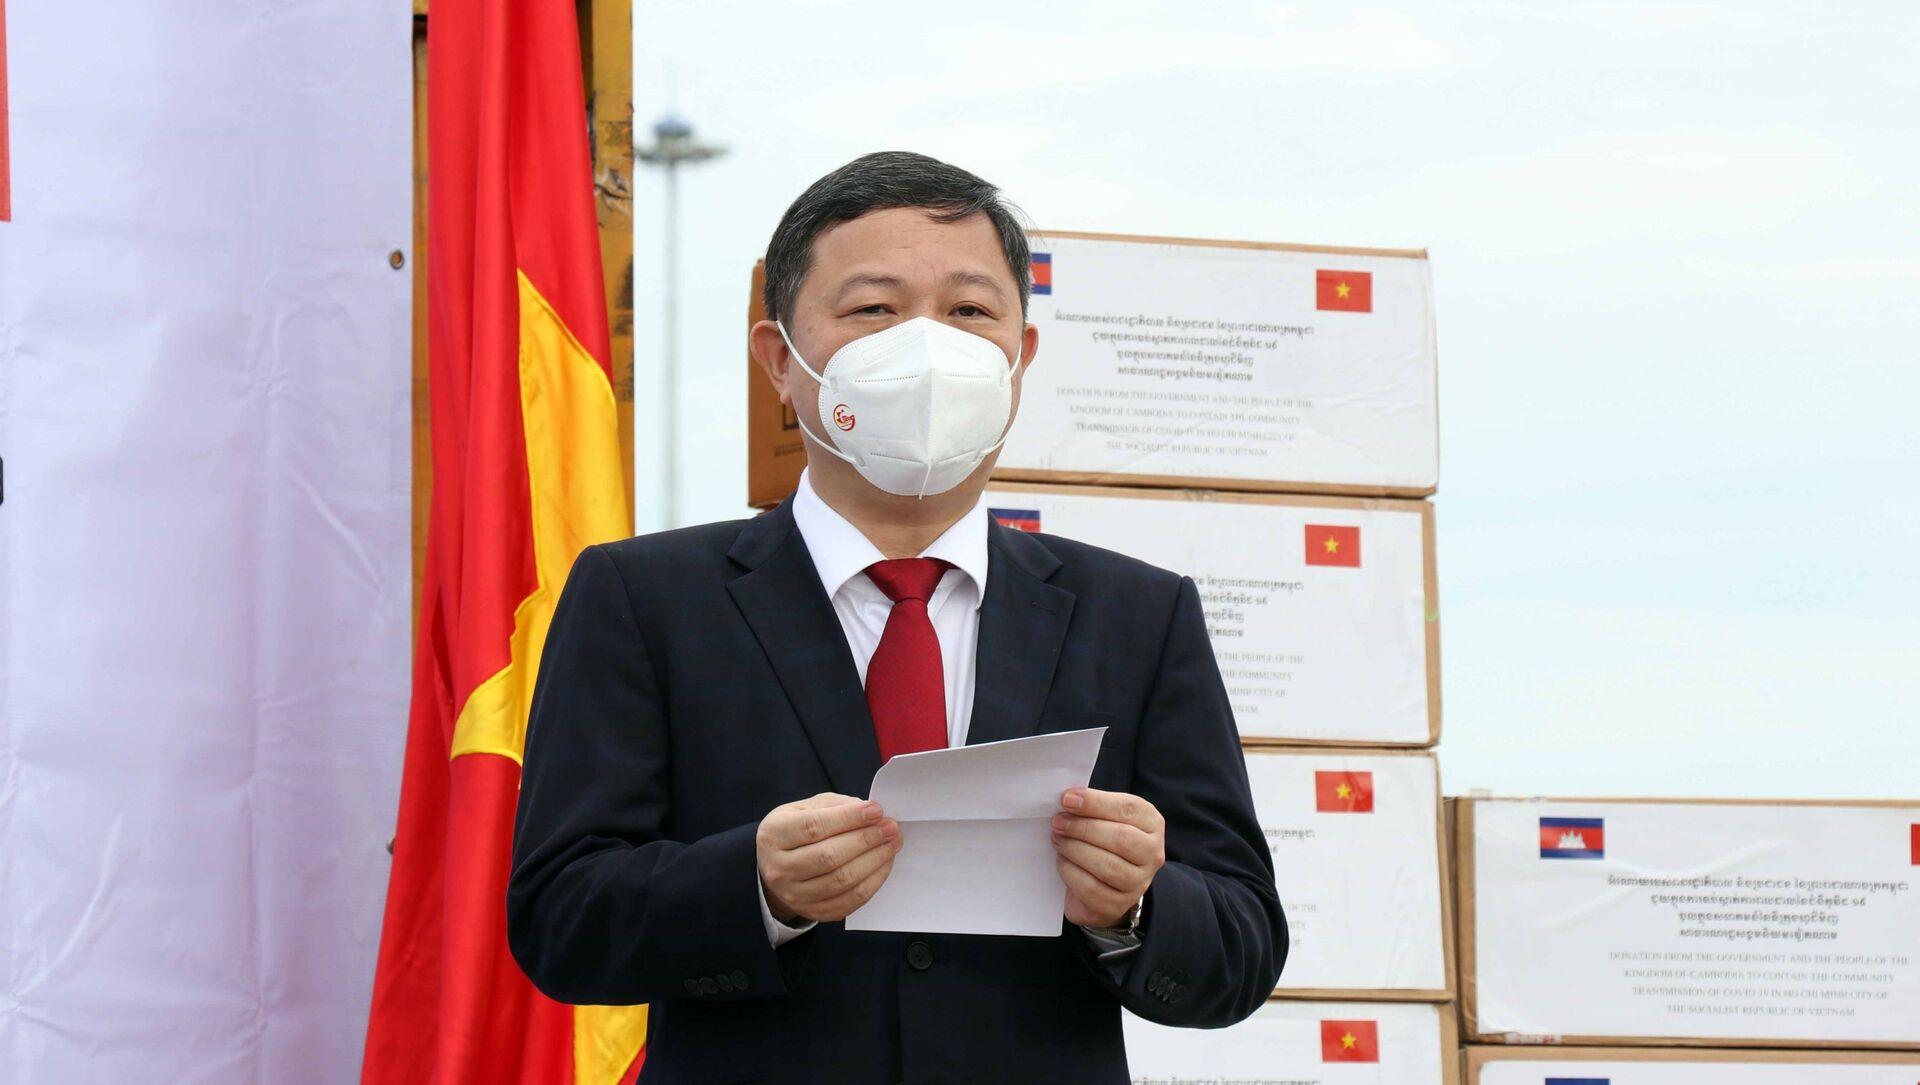 Ông Dương Anh Đức, Phó Chủ tịch Ủy ban nhân dân Thành phố Hồ Chí Minh phát biểu tại buổi lễ tiếp nhận hàng hỗ trợ công tác phòng, chống dịch COVID-19 của Chính phủ, nhân dân Campuchia.  - Sputnik Việt Nam, 1920, 03.08.2021